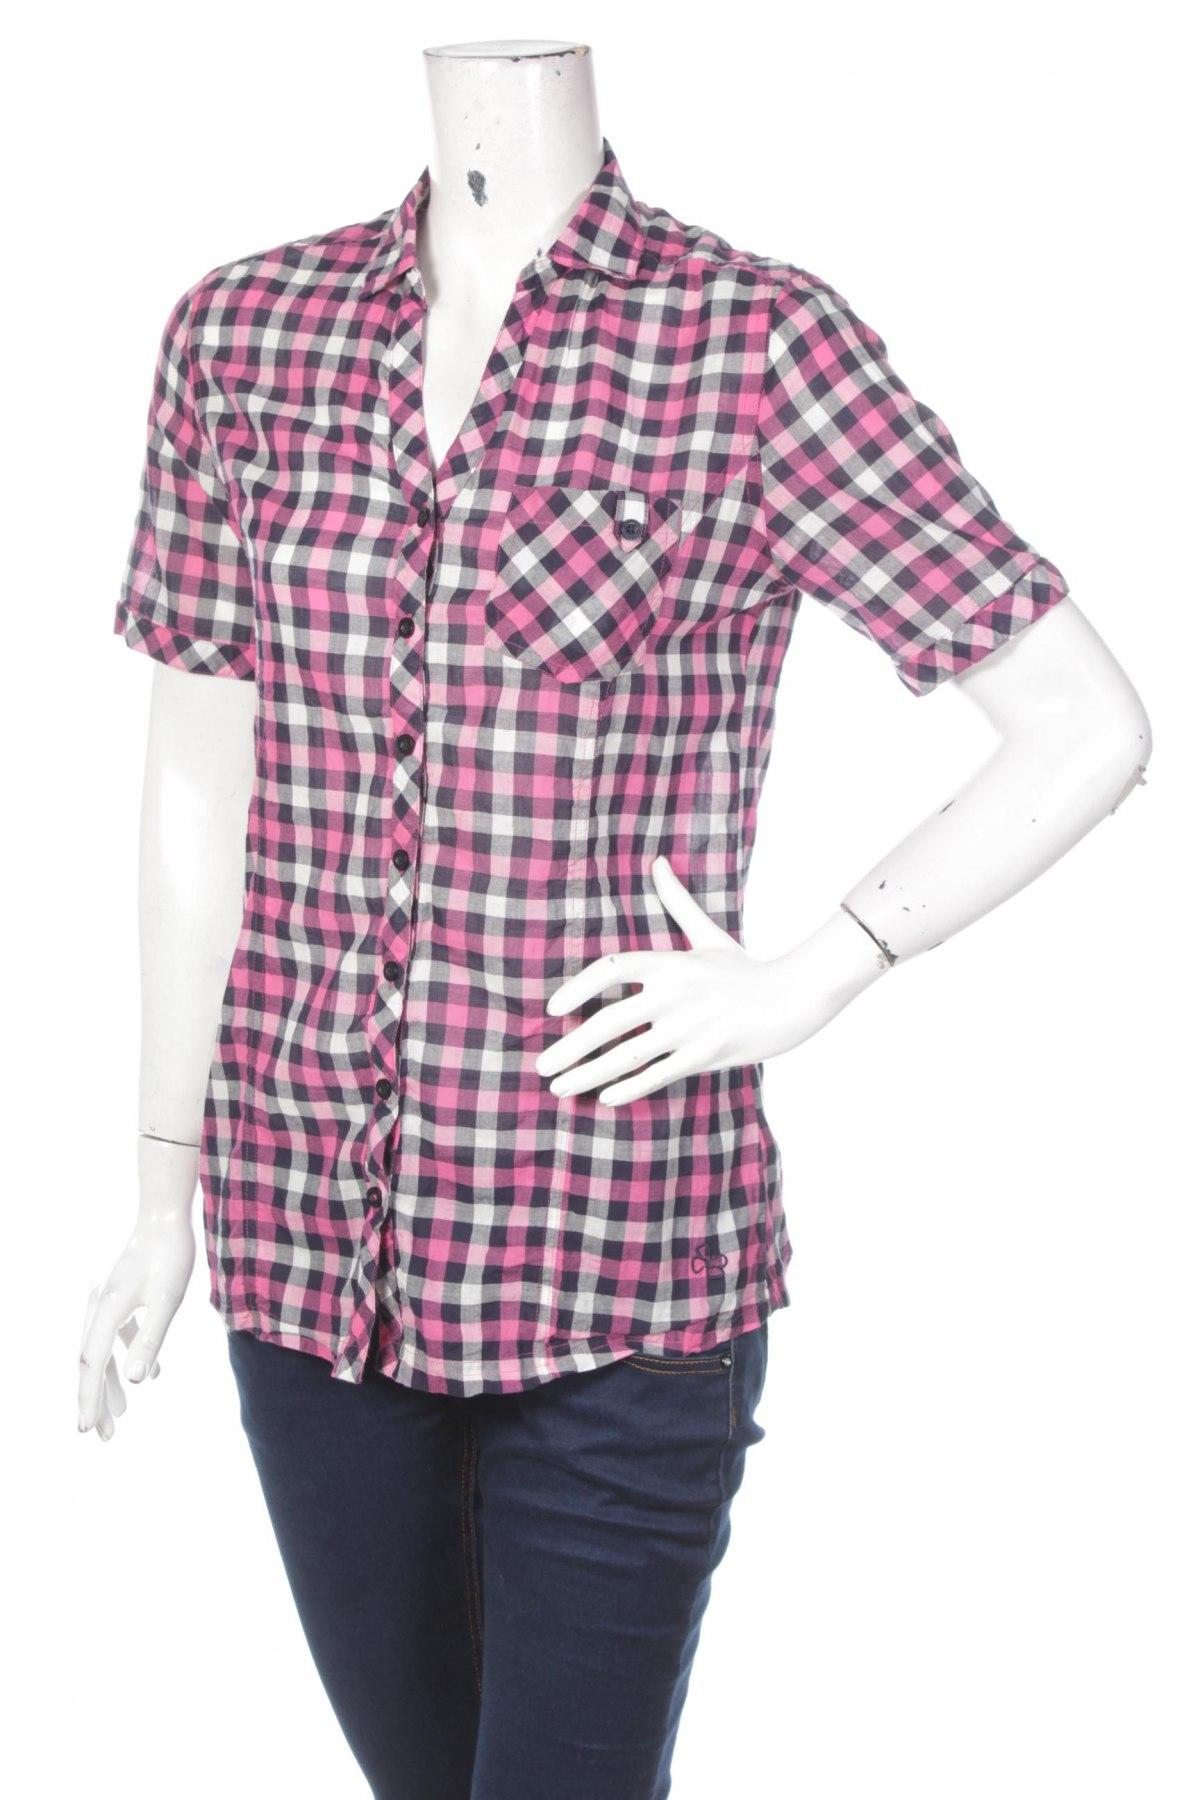 Γυναικείο πουκάμισο Zab Company, Μέγεθος S, Χρώμα Πολύχρωμο, Βαμβάκι, Τιμή 8,66€